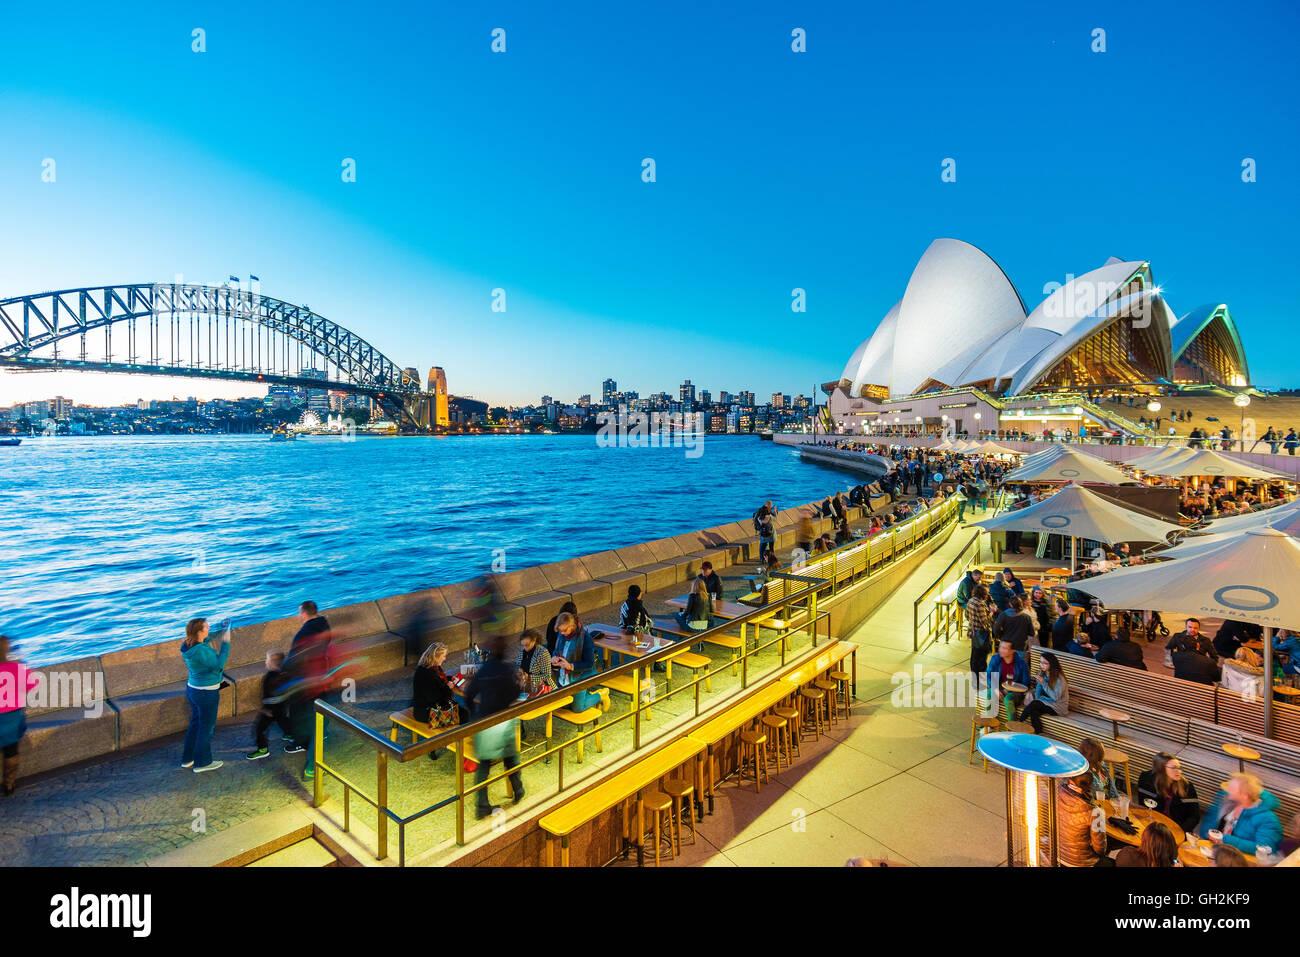 La gente cenando en restaurantes al aire libre en Circular Quay en Sydney, Australia Imagen De Stock